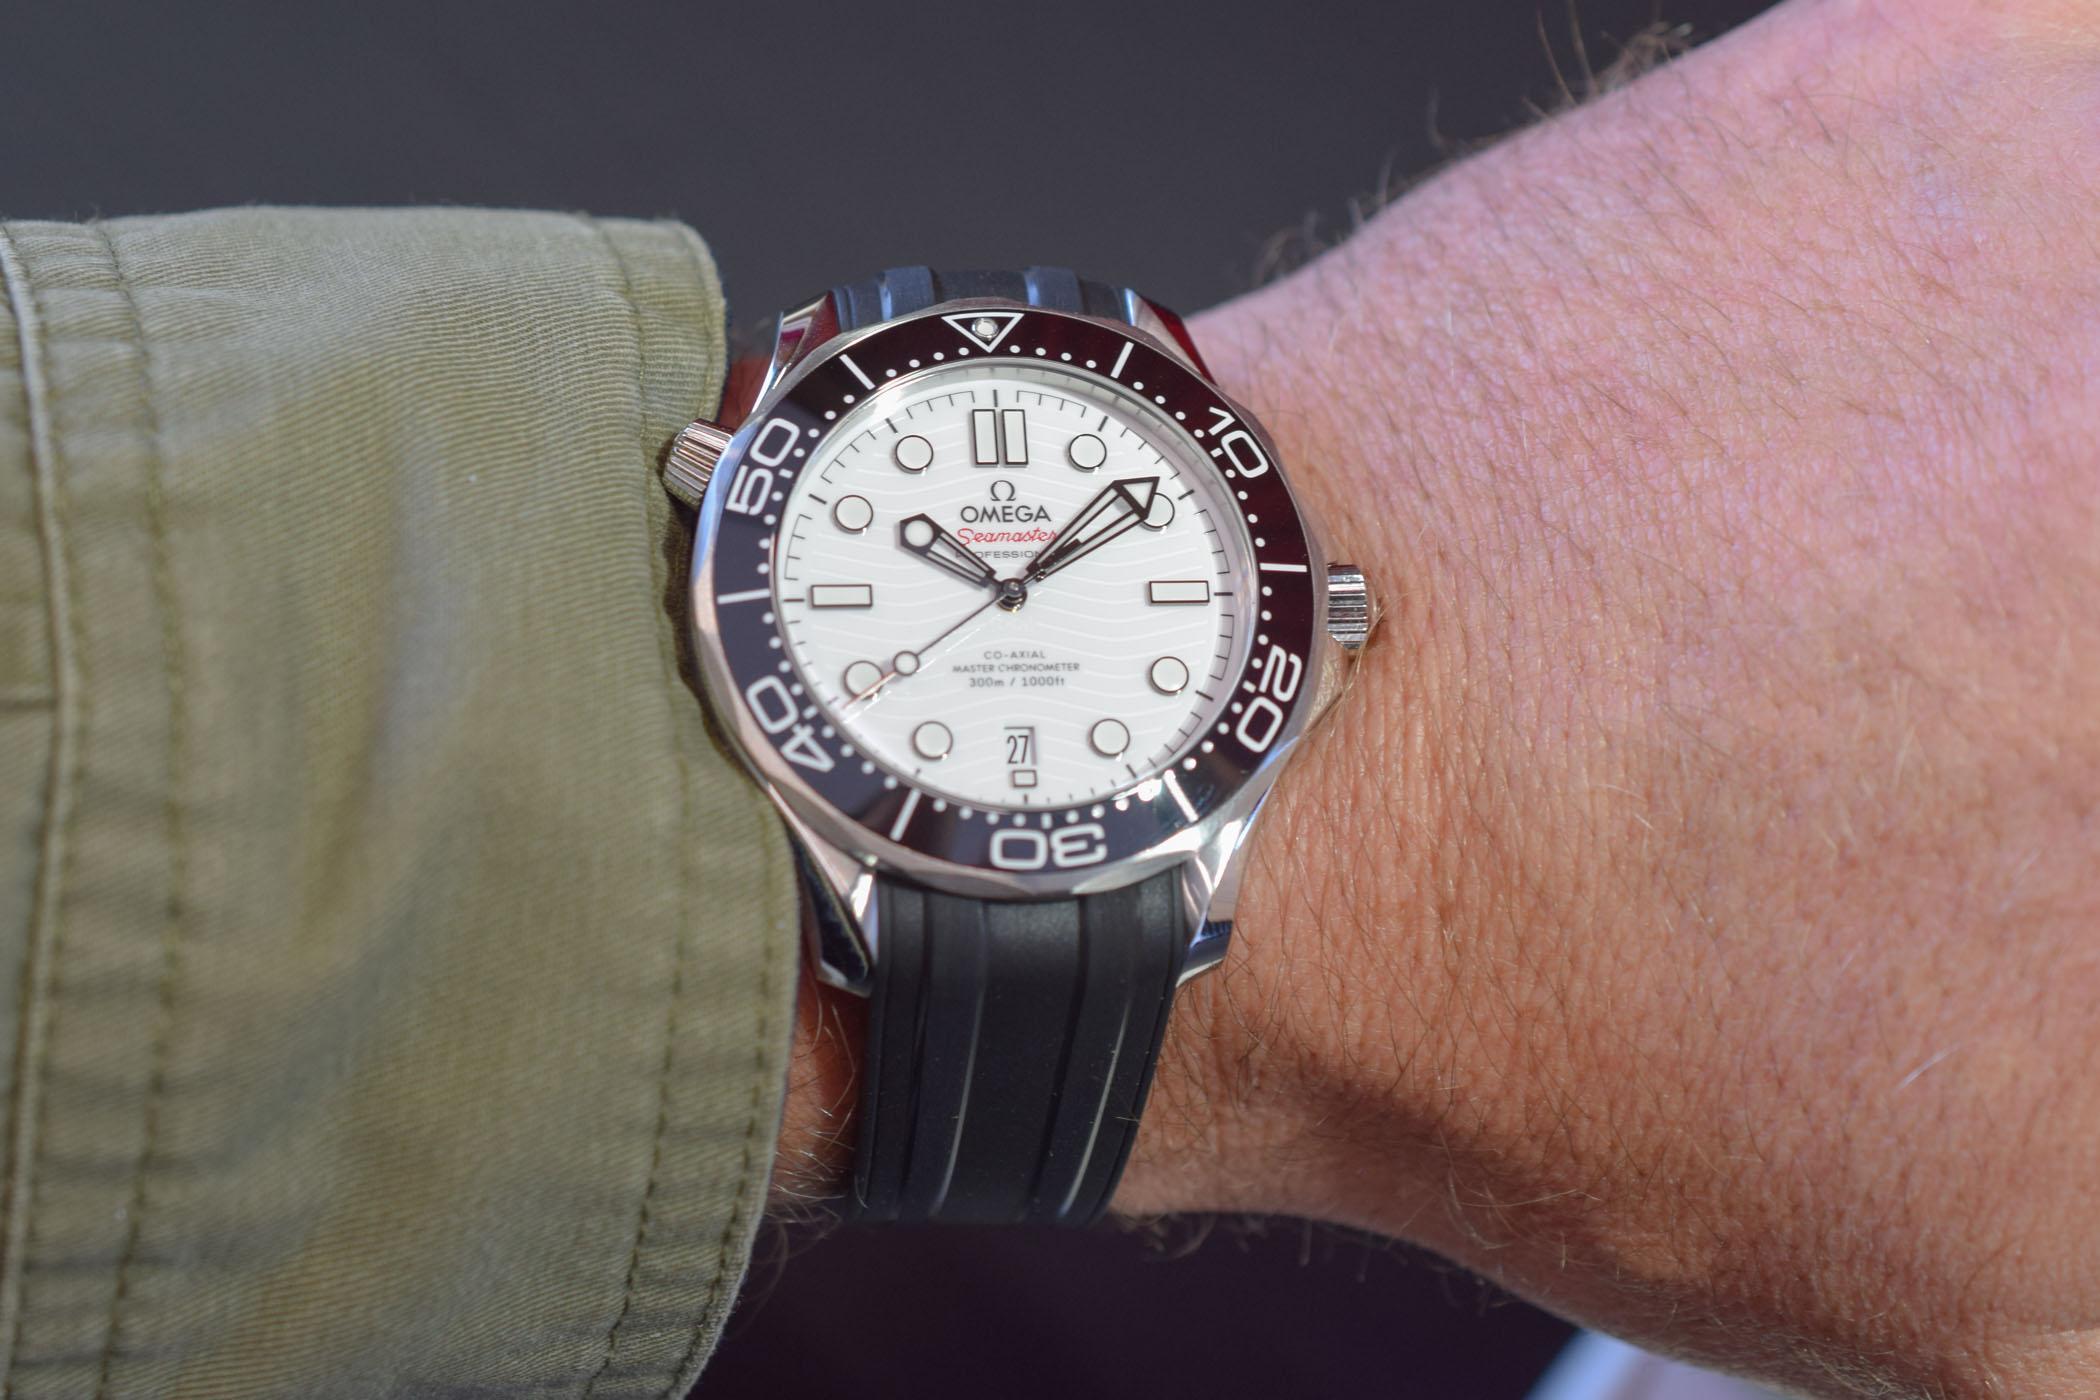 Omega Seamaster Diver 300M White Ceramic Dial Master Chronometer 210.30.42.20.04.001